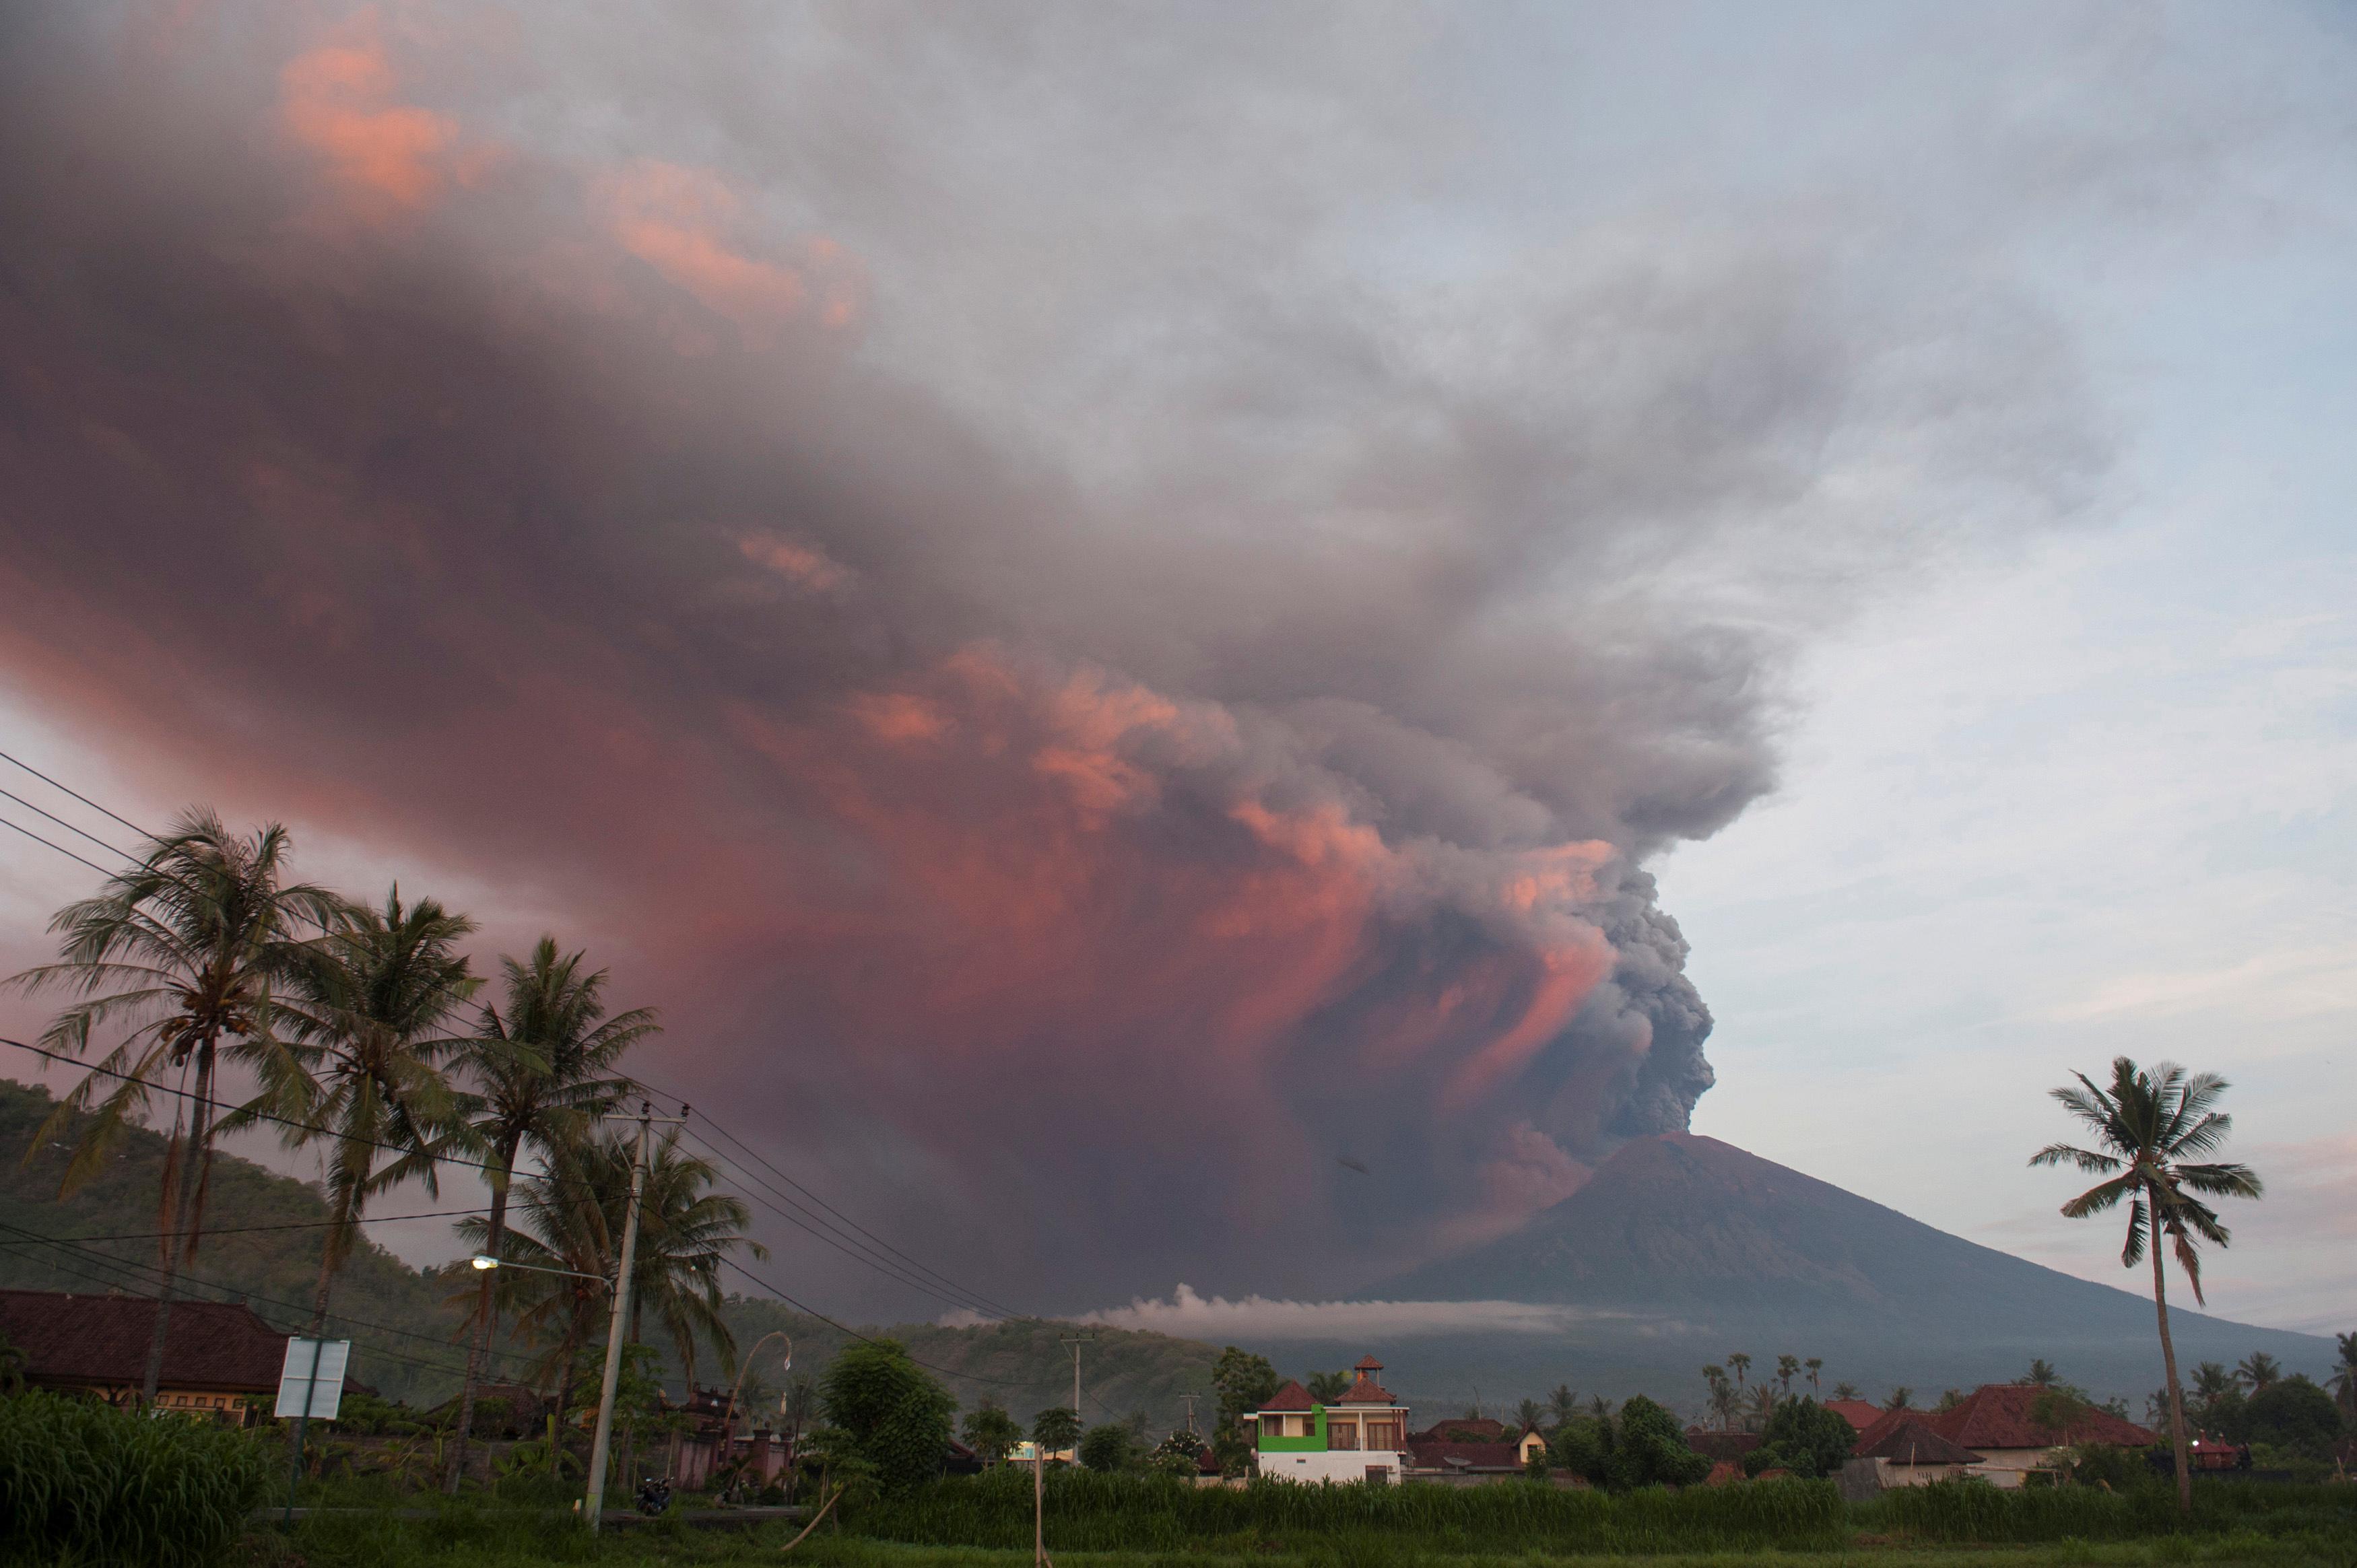 Mount Agung volcano erupts as seen from Culik Village, Karangasem, Bali,